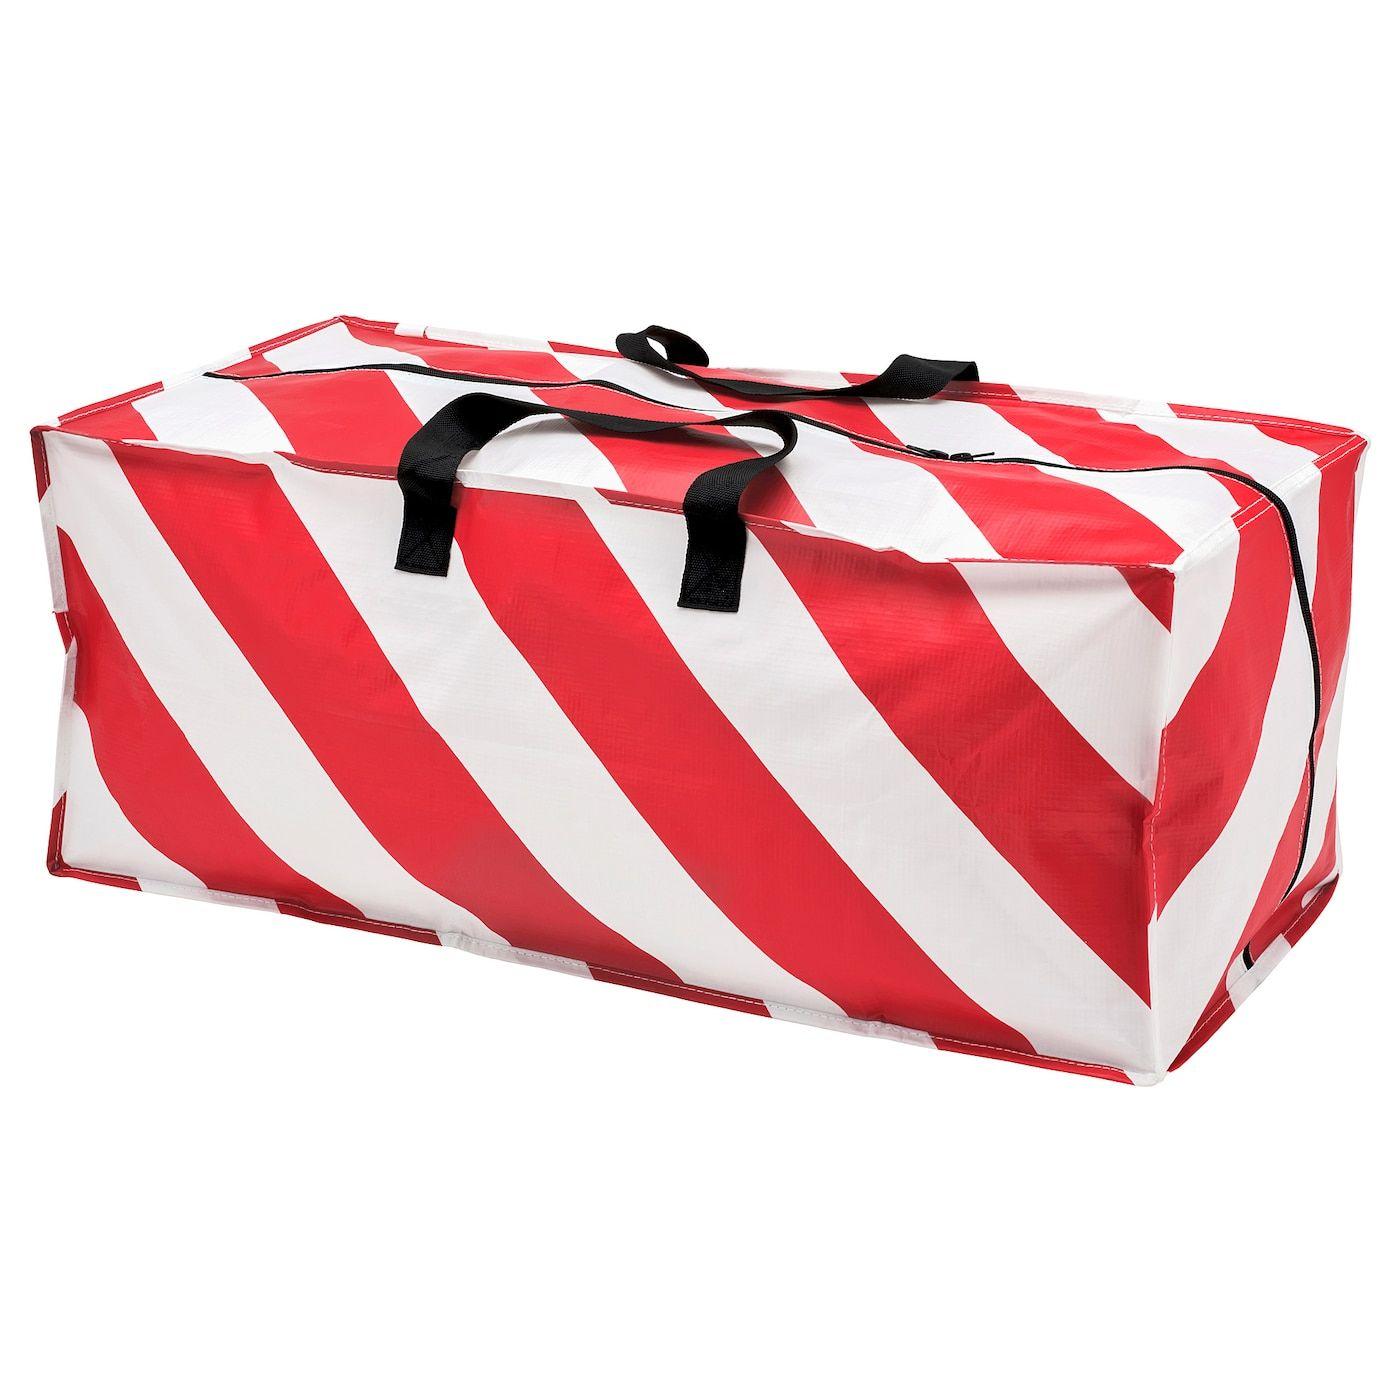 Vinter 2019 Sac De Rangement Rouge Blanc Raye Ikea Tasche Rot Taschen Aufbewahrung Taschen